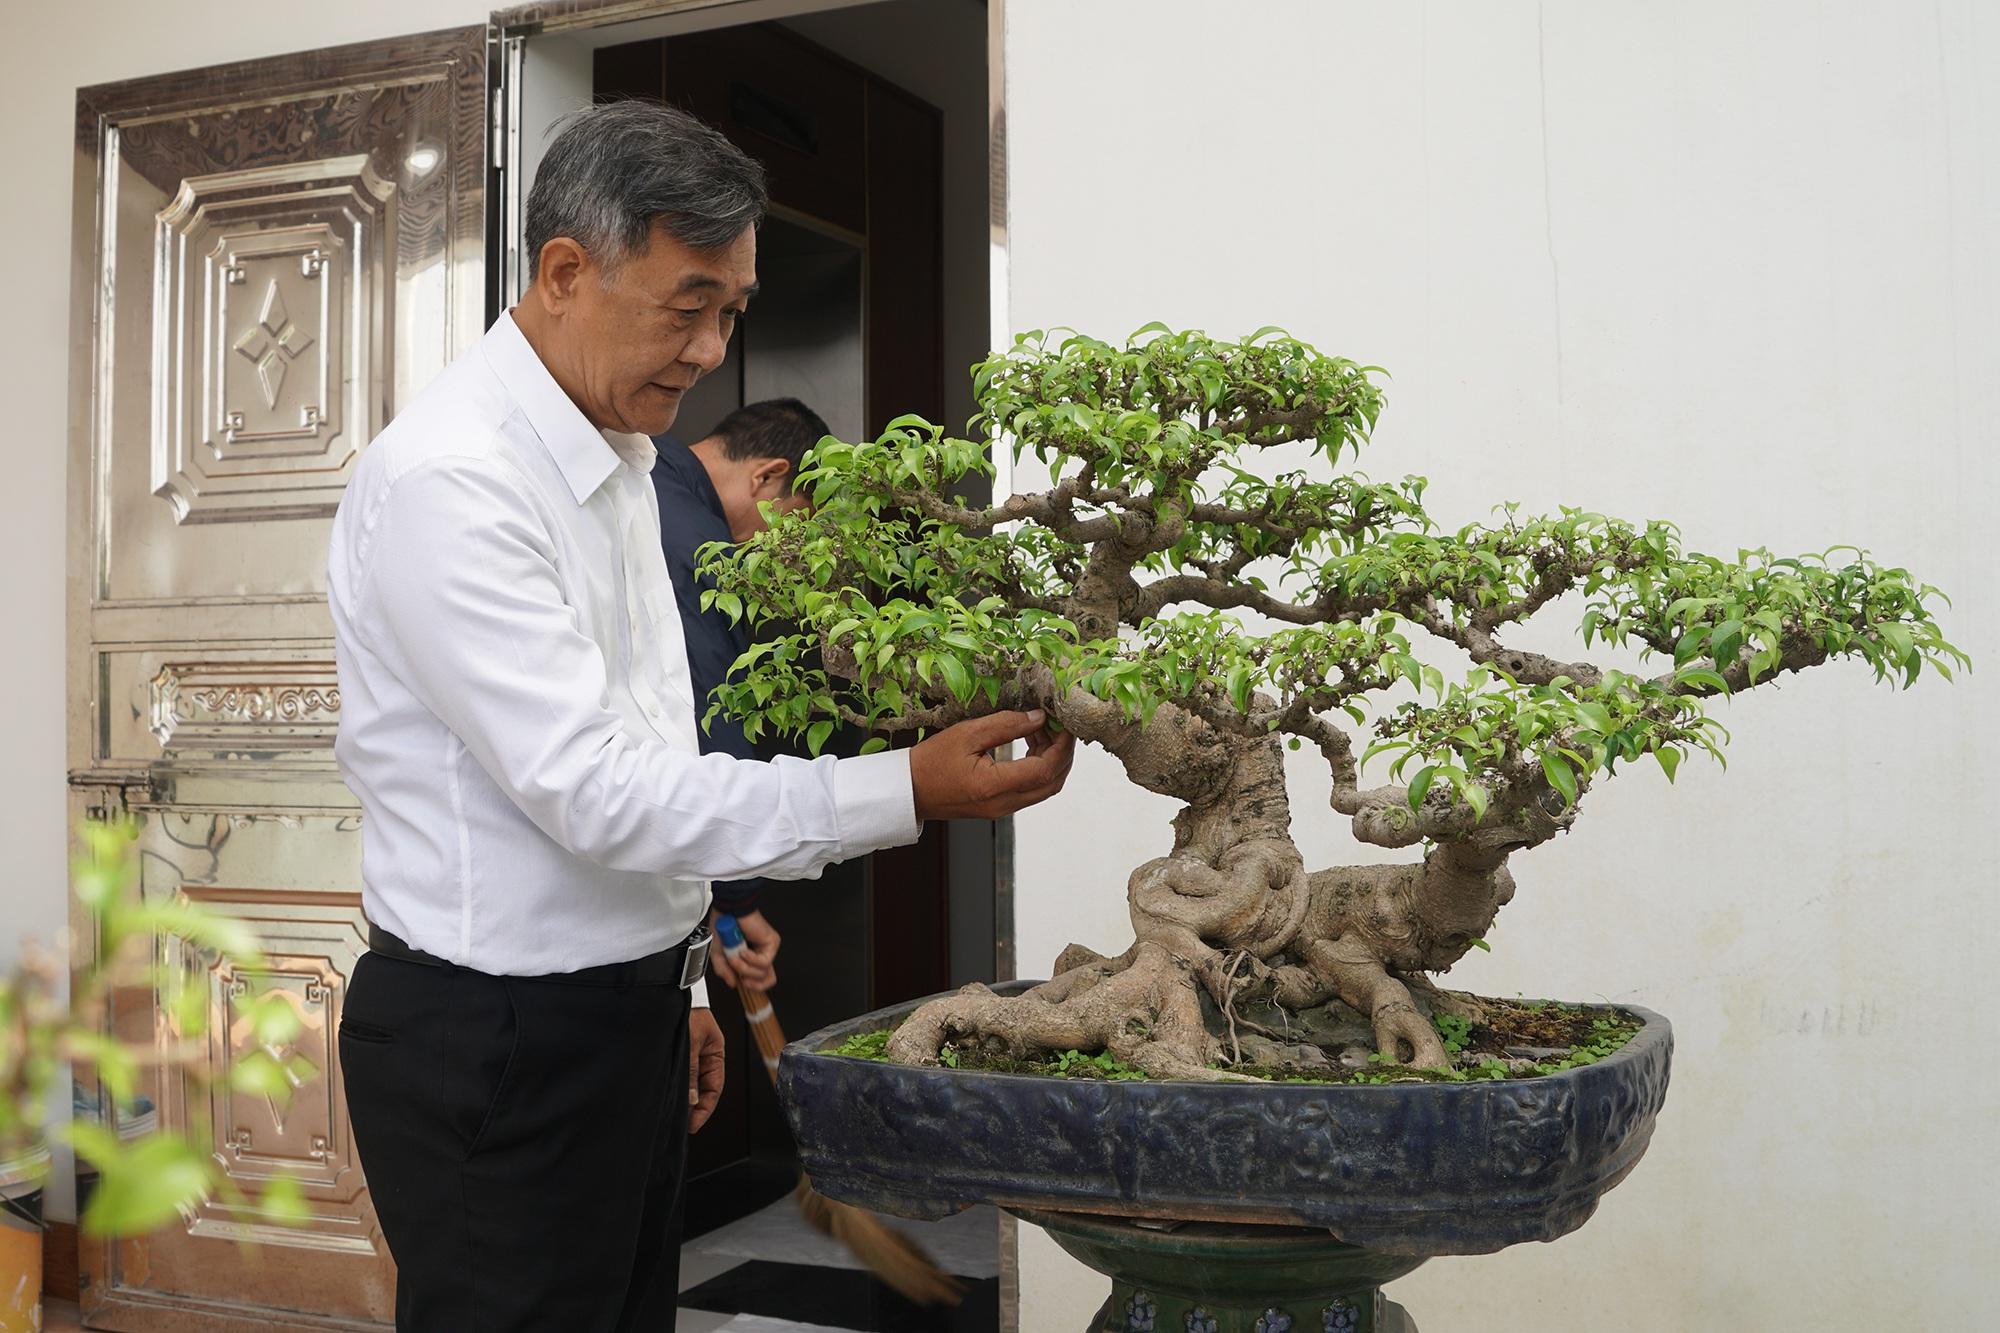 Đại gia chi gần 10 tỷ đồng mua cây cảnh đặt trên sân thượng ngắm mỗi ngày - 7